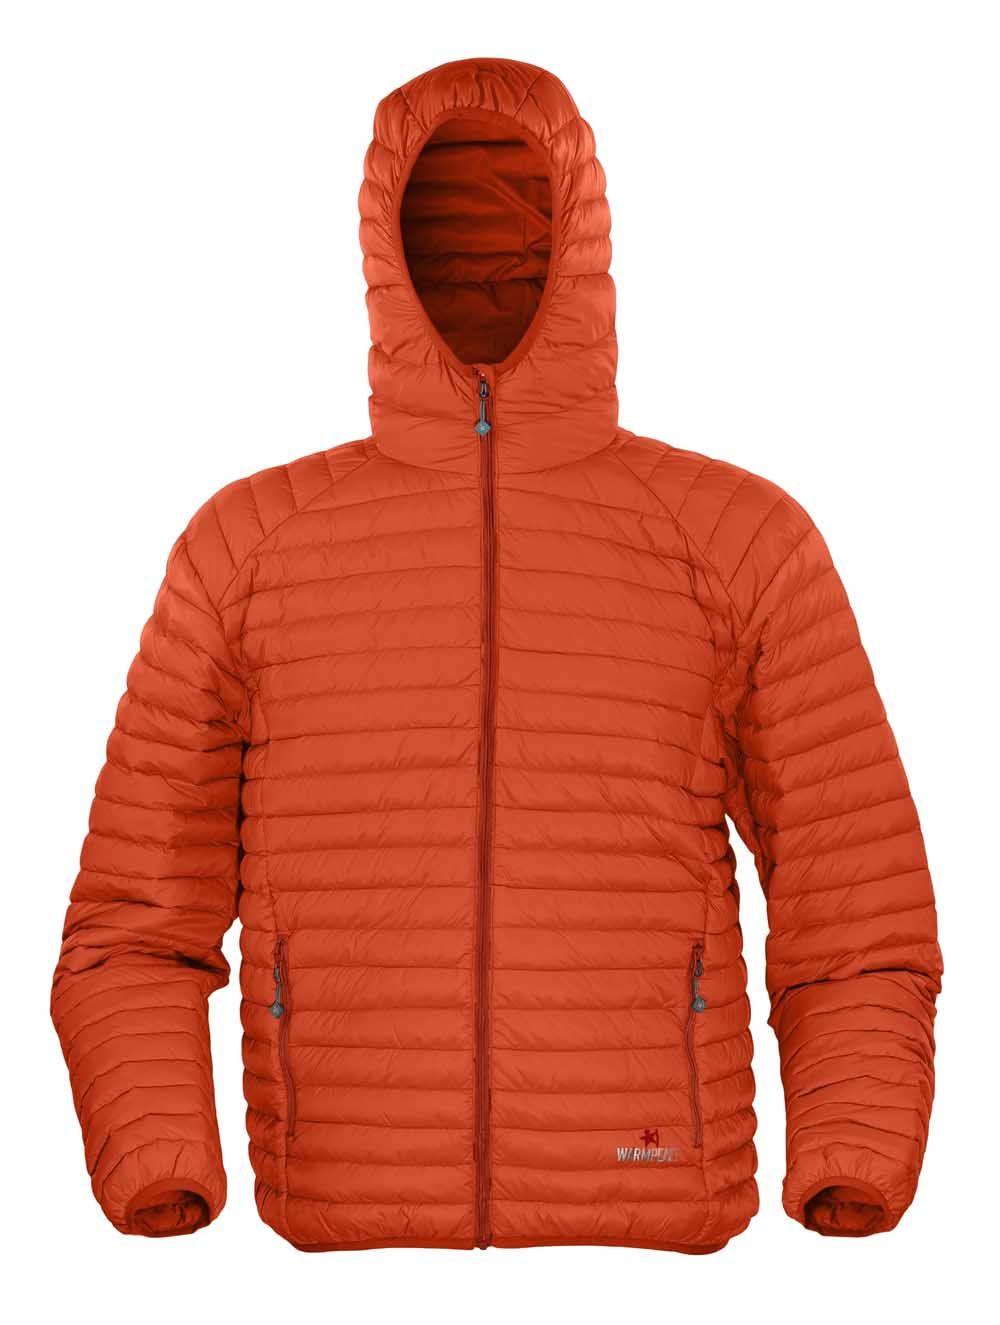 Warmpeace Nordvik HD orange péřová bunda